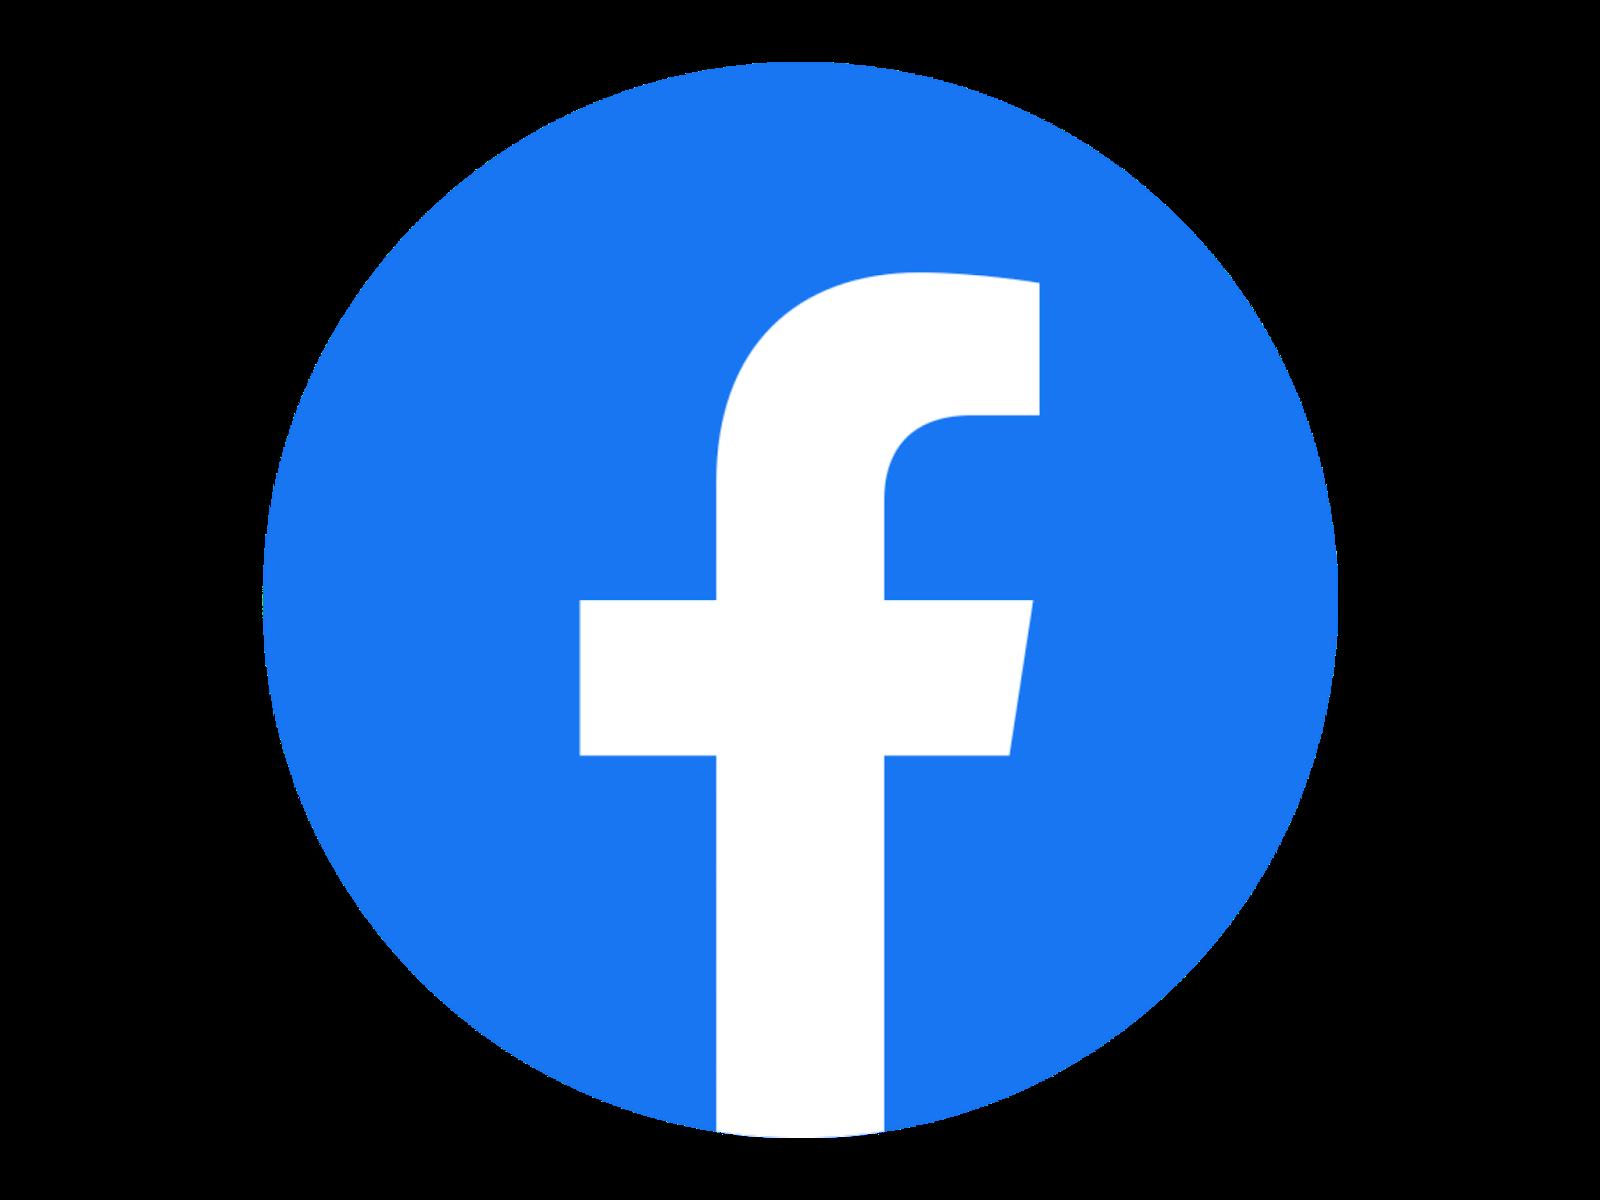 Logo Facebook Format PNG